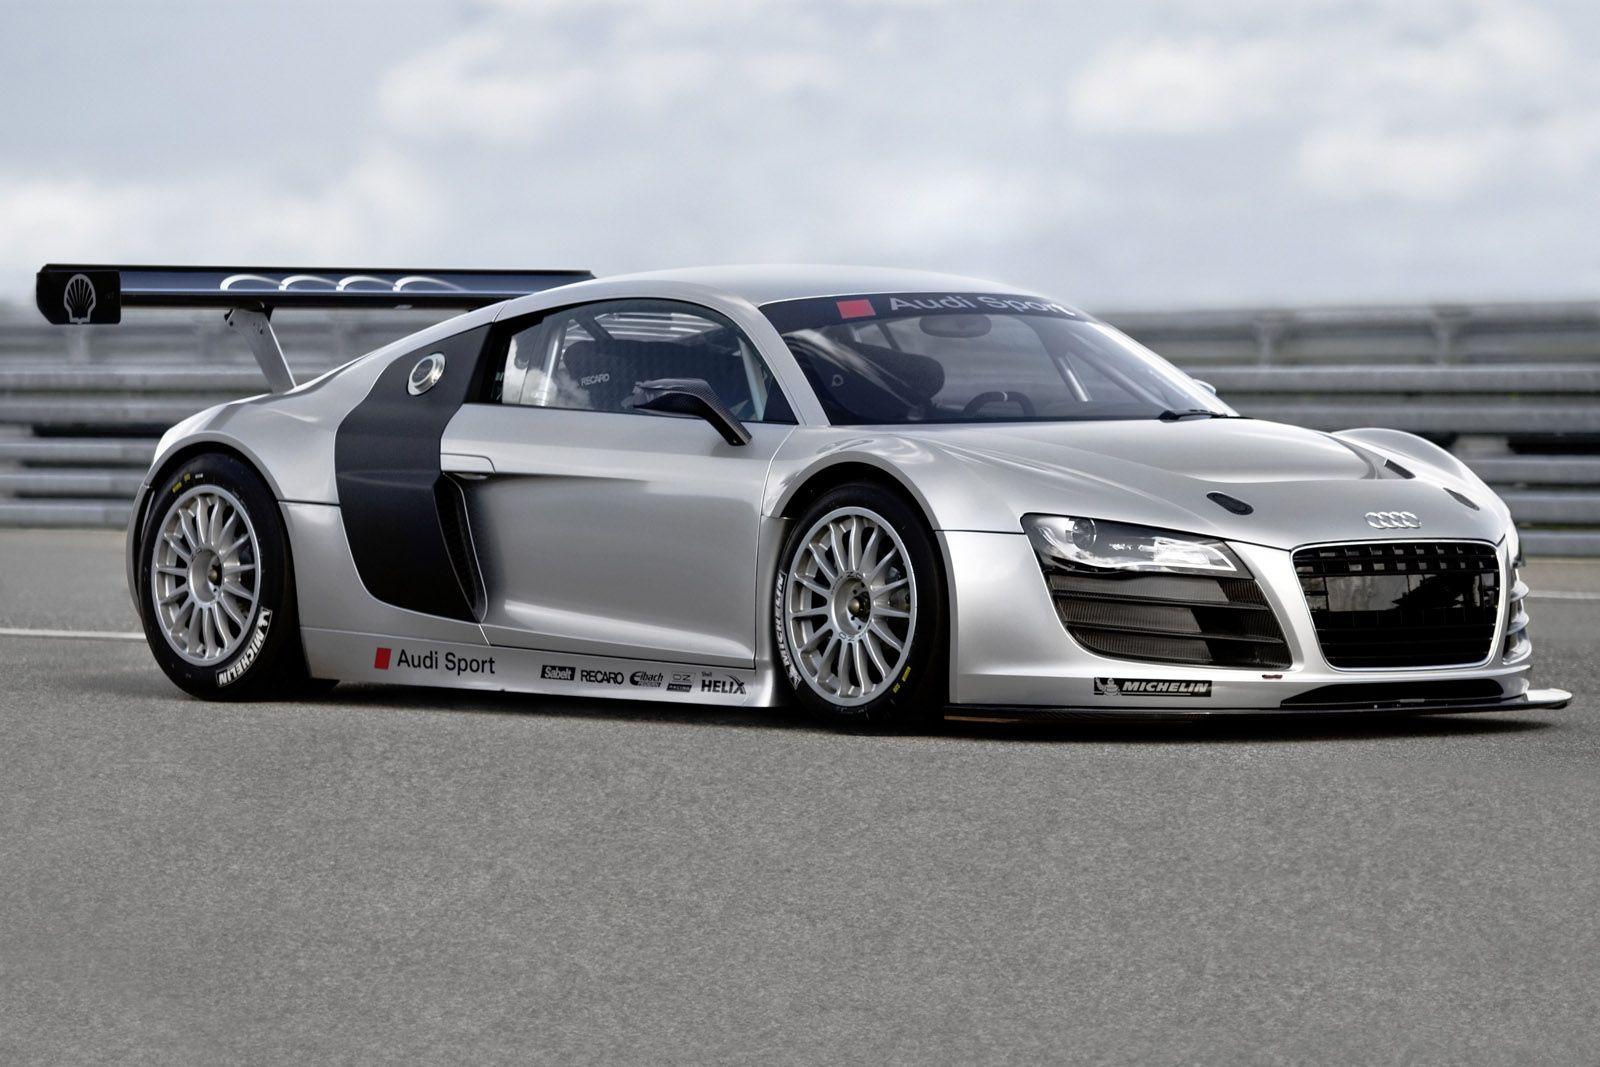 Audi R8 Google Images Audi R8 Gt Audi Audi R8